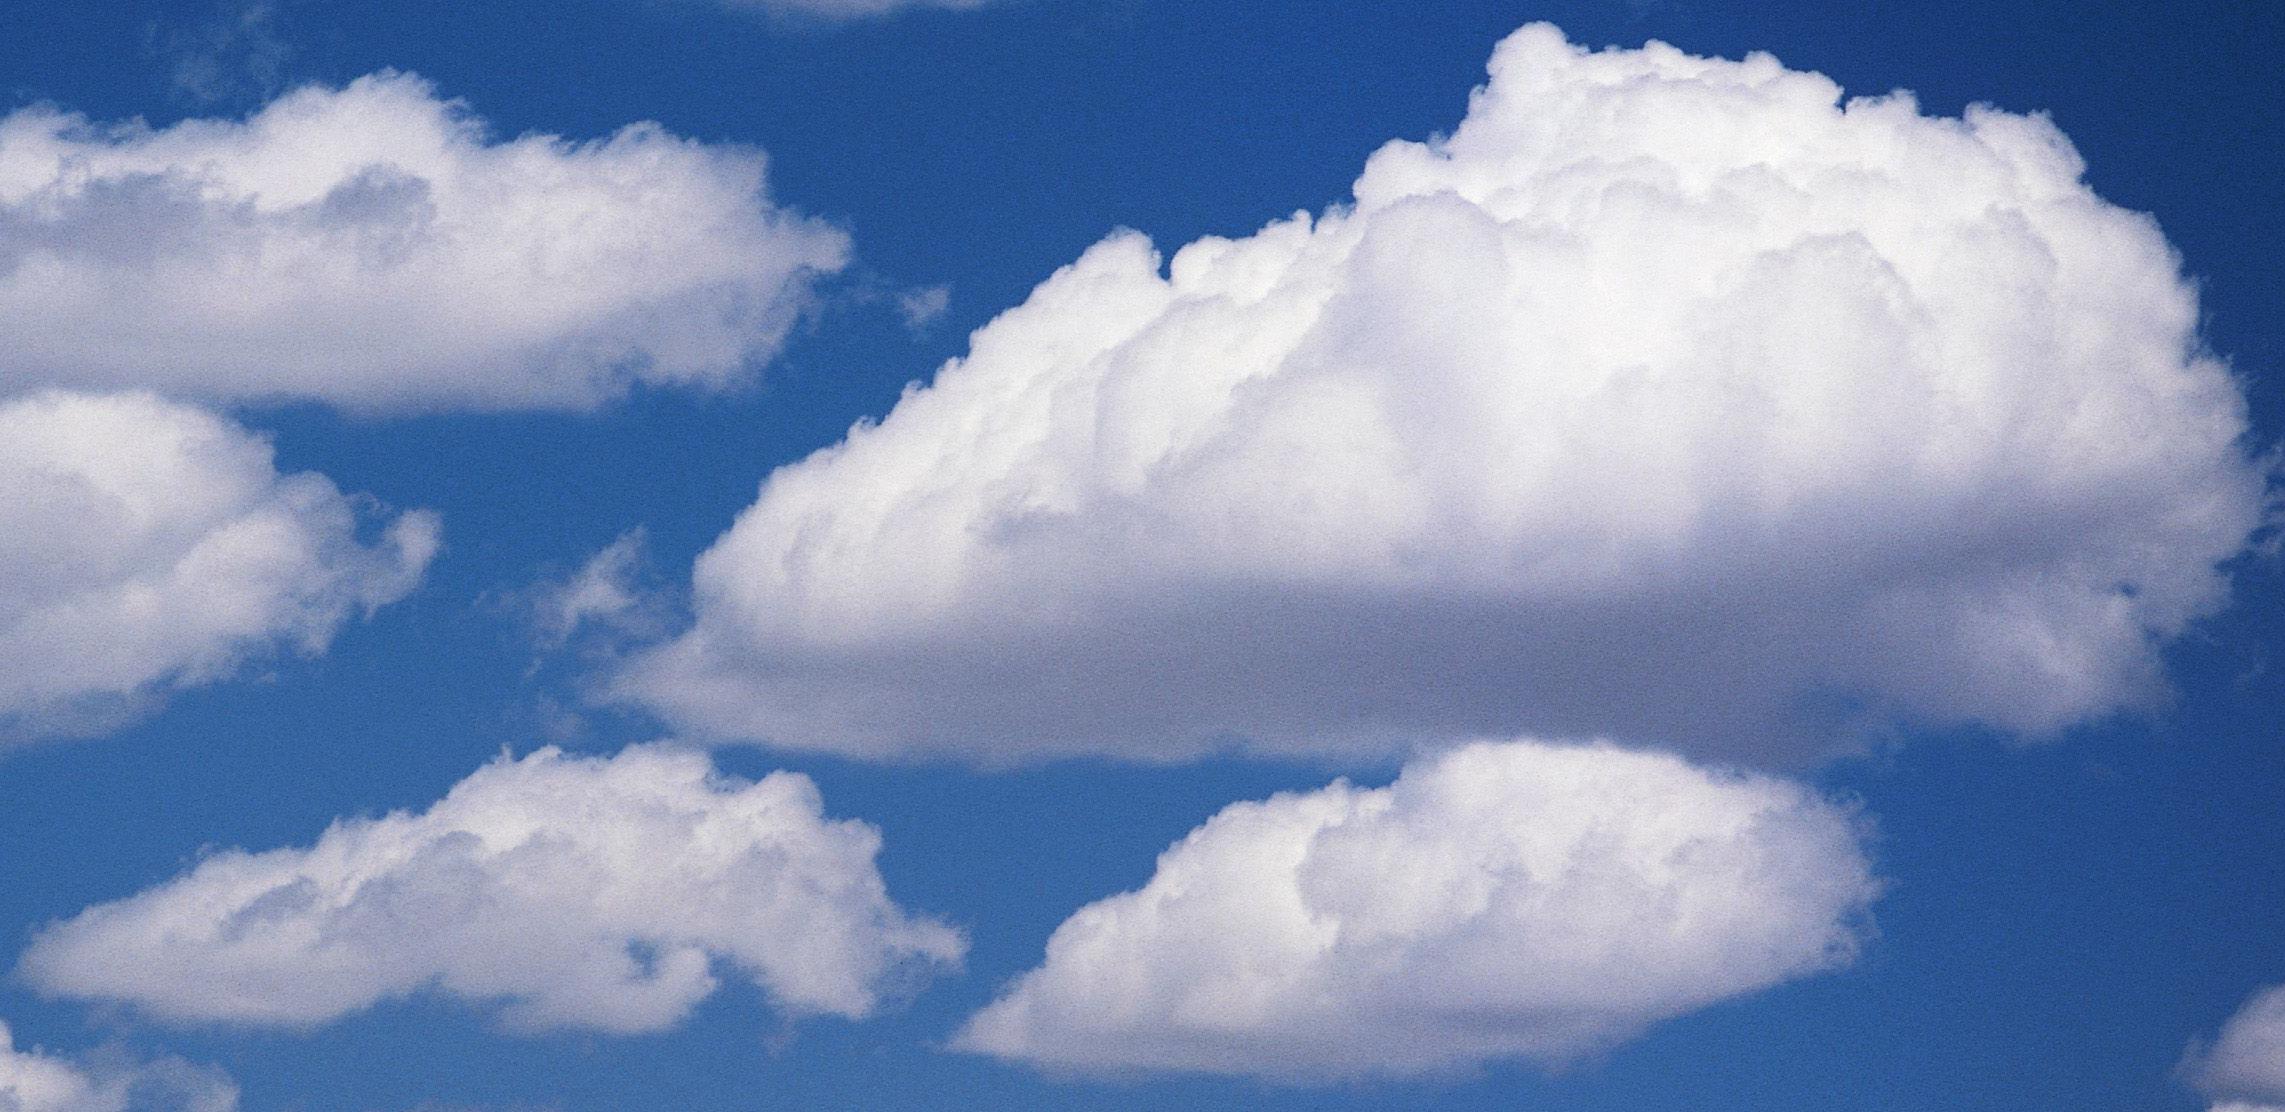 Анимашки небо на прозрачном фоне